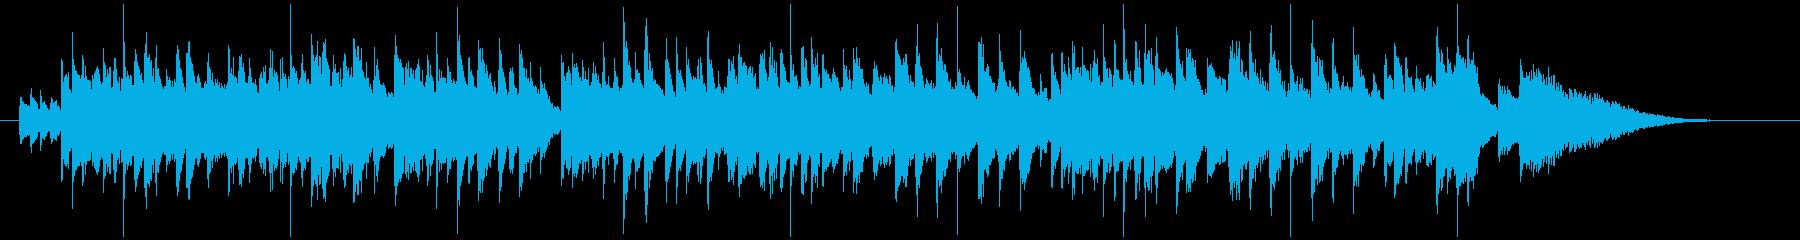 ハープの音色が美しいファンタジックな小曲の再生済みの波形